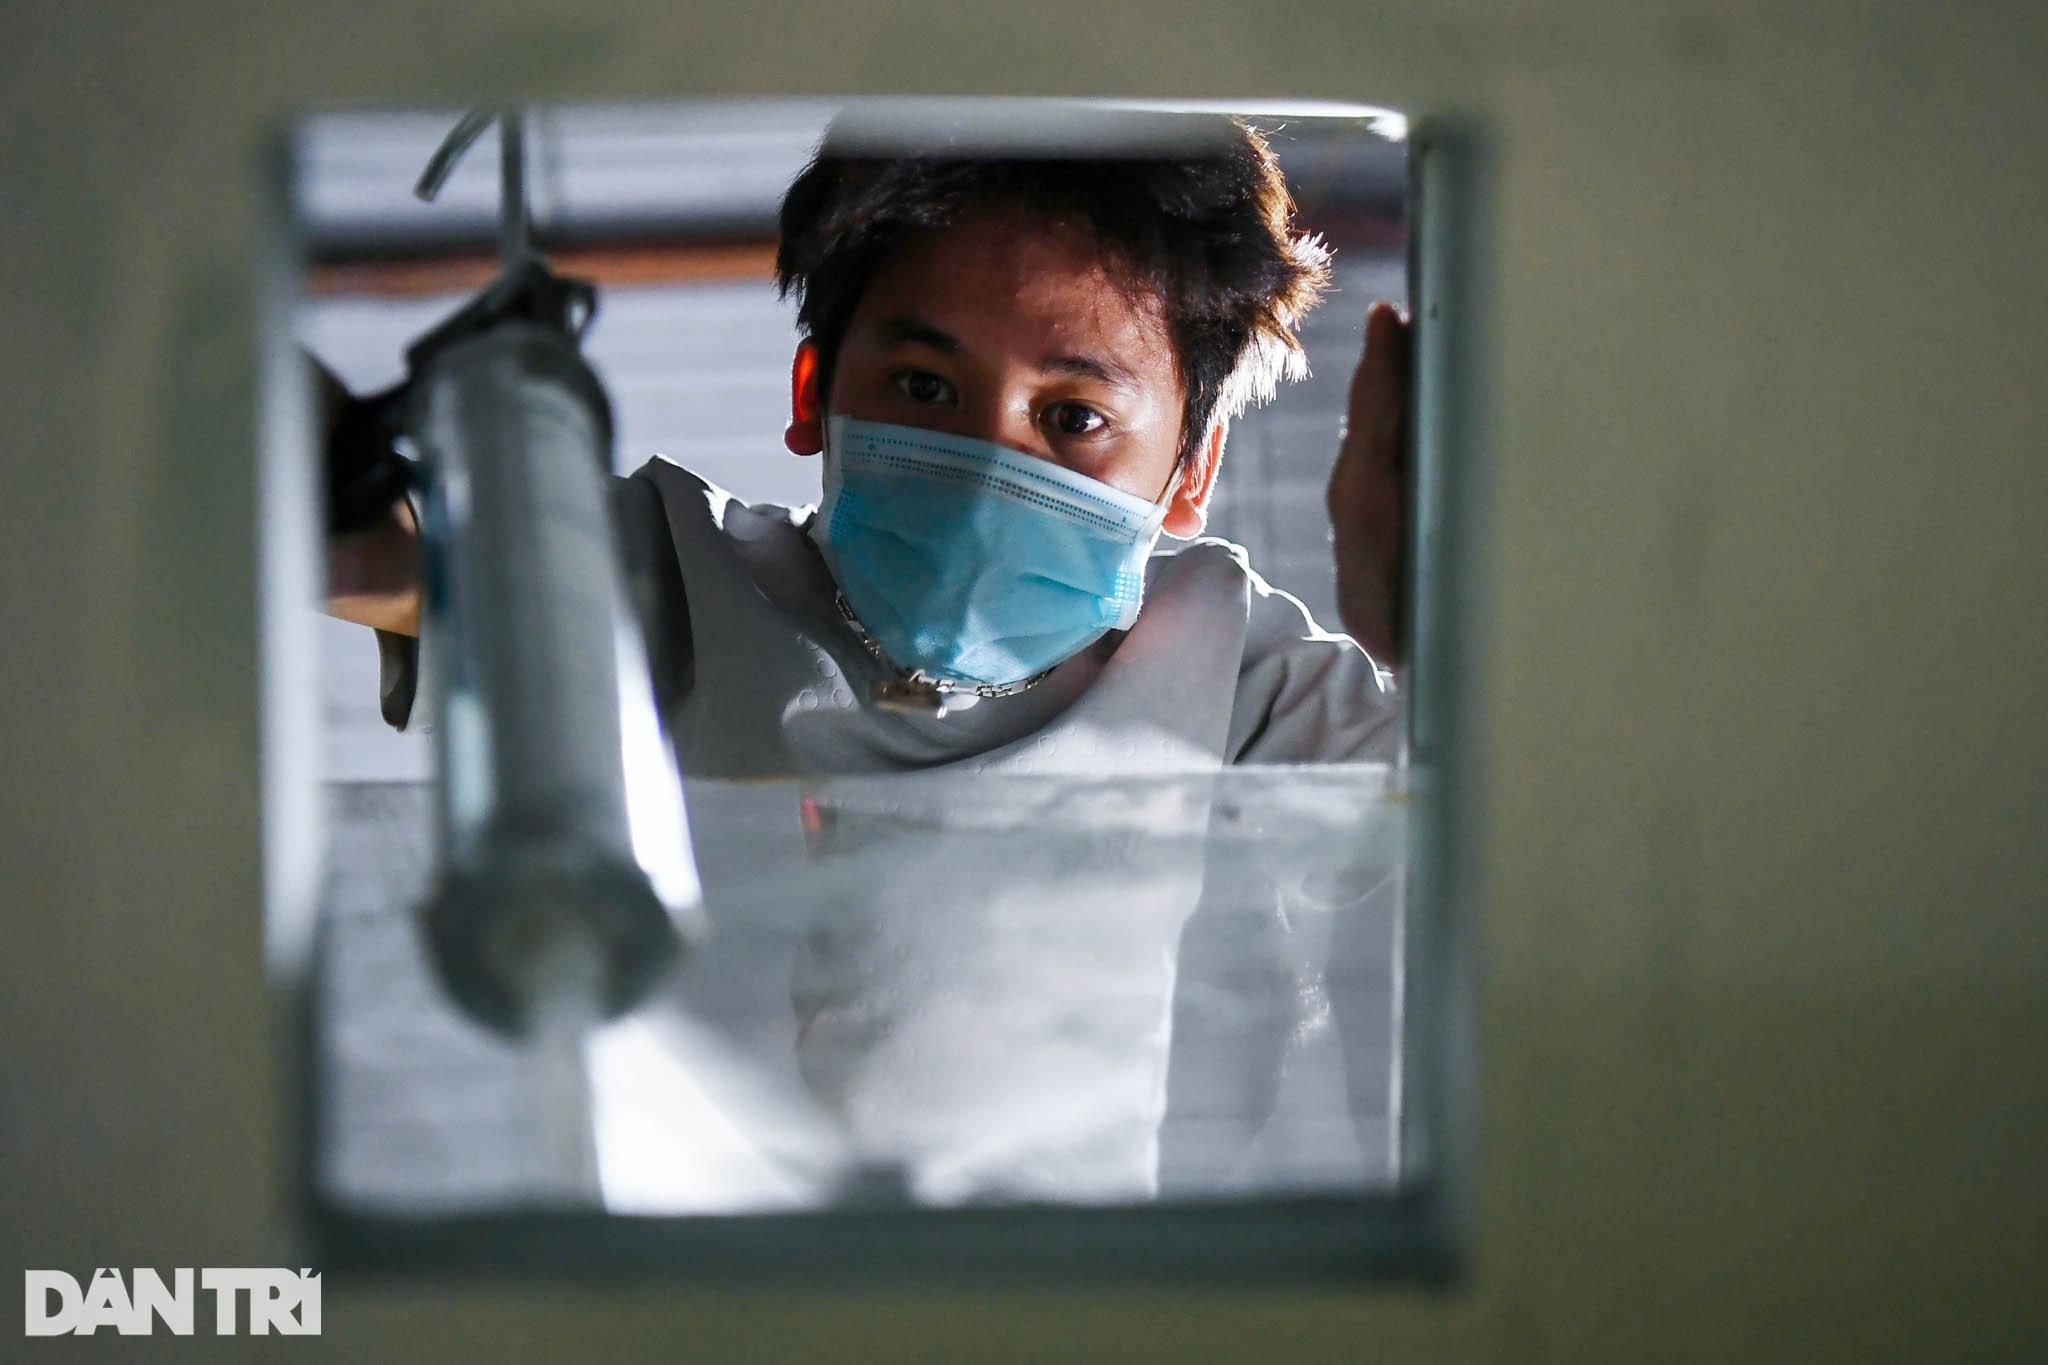 Cận cảnh vũ khí chống nóng, ngăn Covid-19 cho y bác sĩ lấy mẫu xét nghiệm - 1